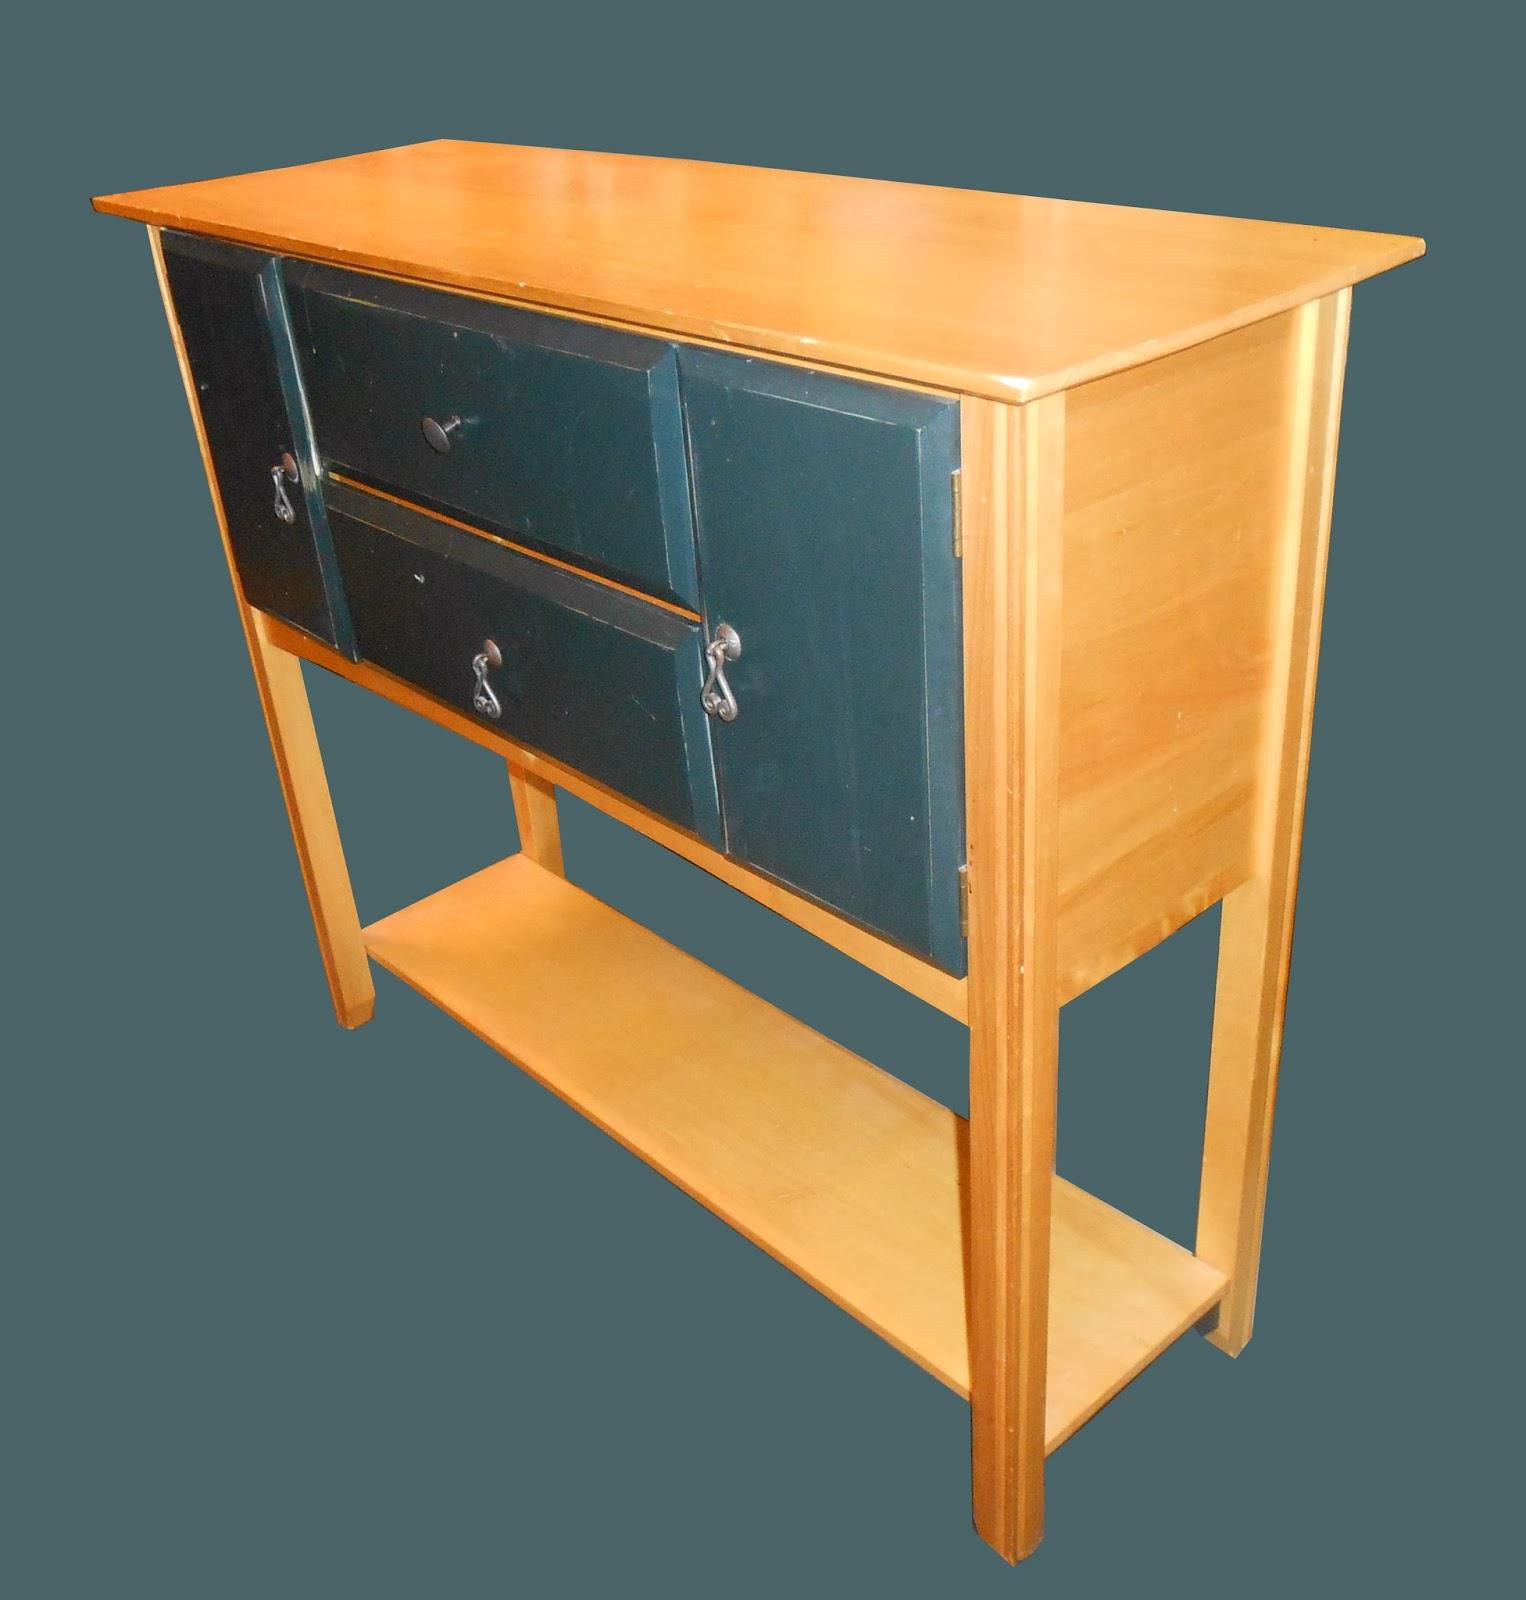 uhuru furniture amp collectibles birch wood kitchen island